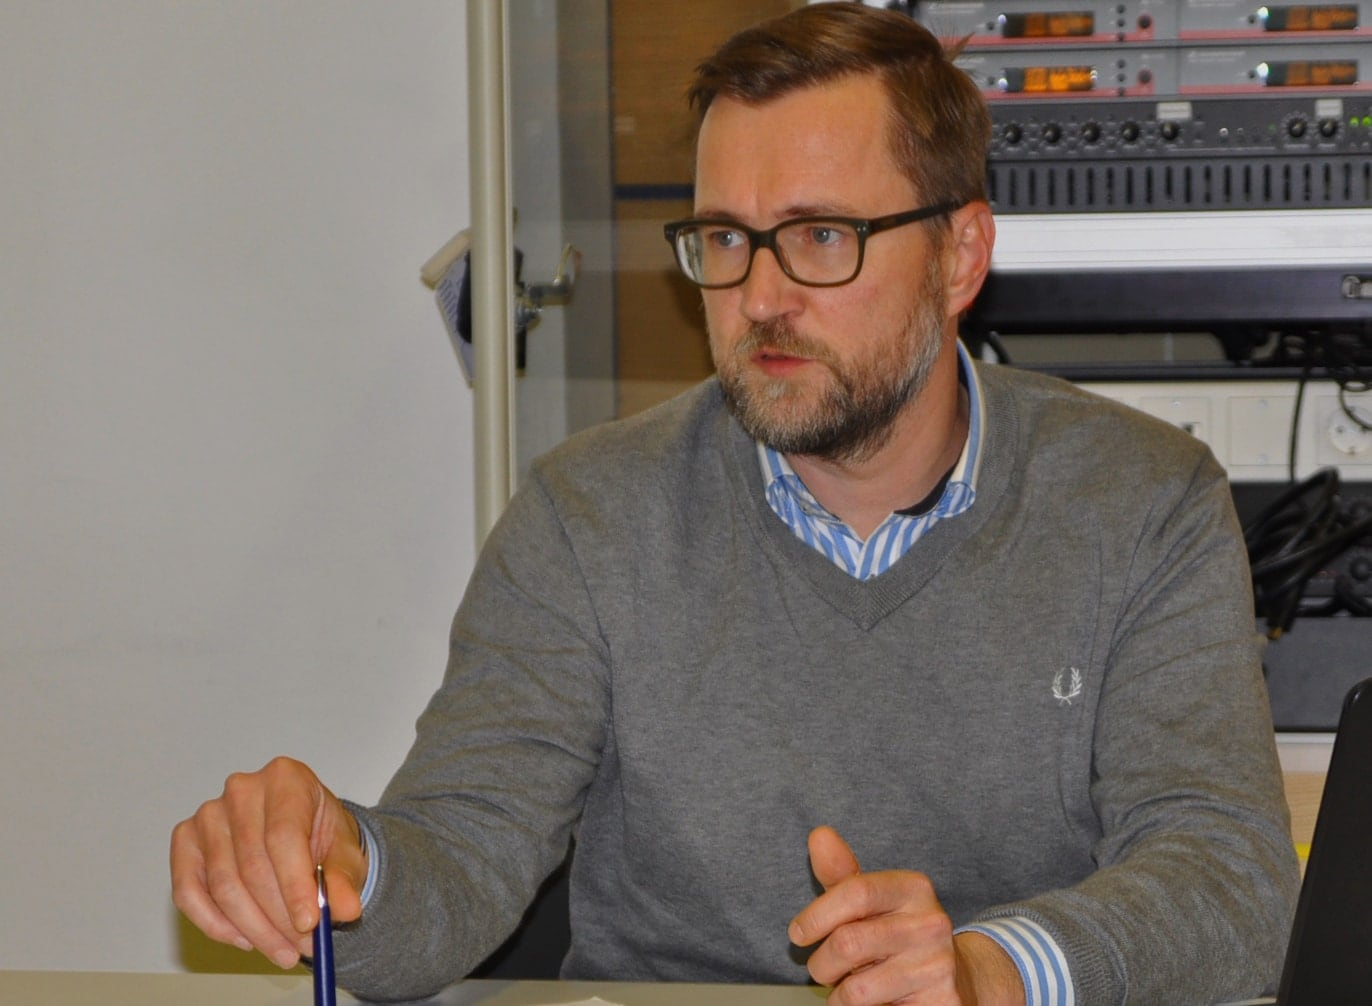 Steffen Koczott